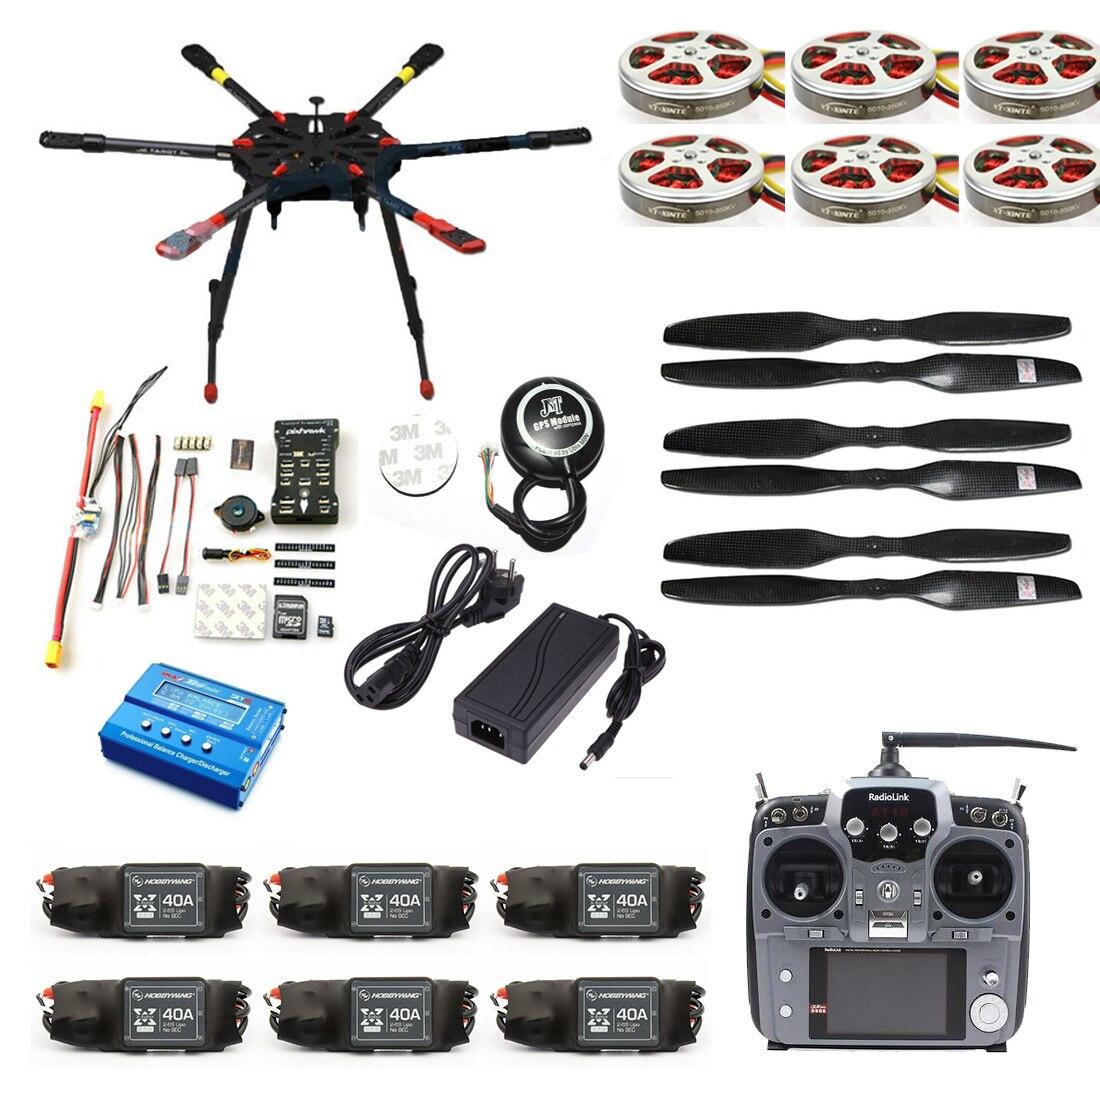 JMT Pro 2.4G 10CH 960mm Tarot X6 pliable rétractable PIX PX4 M8N GPS ARF/PNF bricolage RC Hexacopter Drone Kit de démontage F11283-A/B